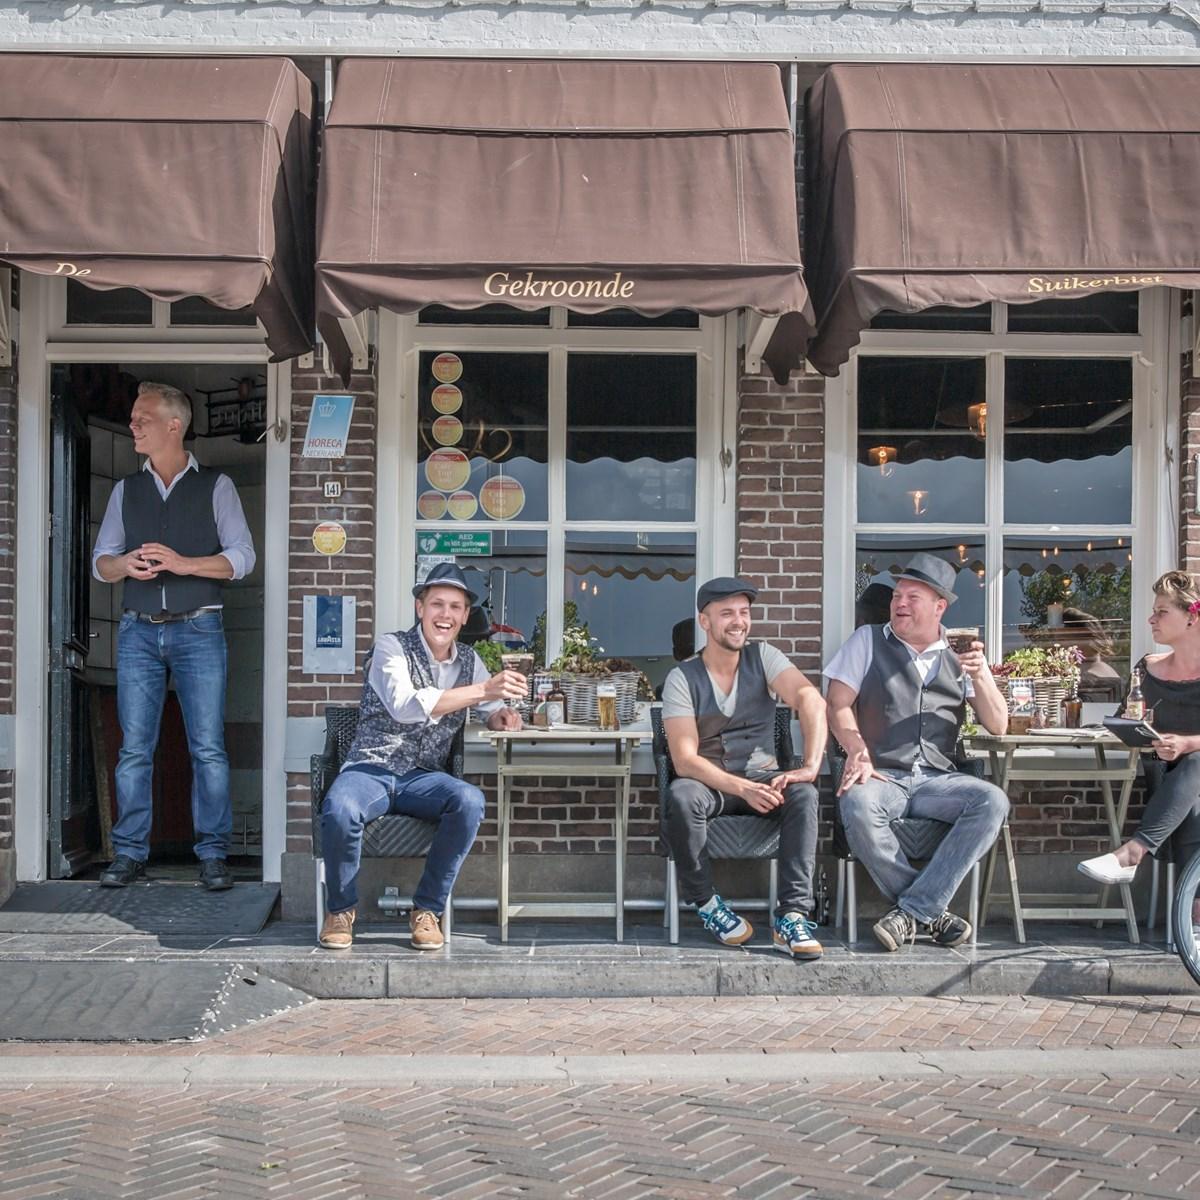 Café De Biet de beste van Nederland